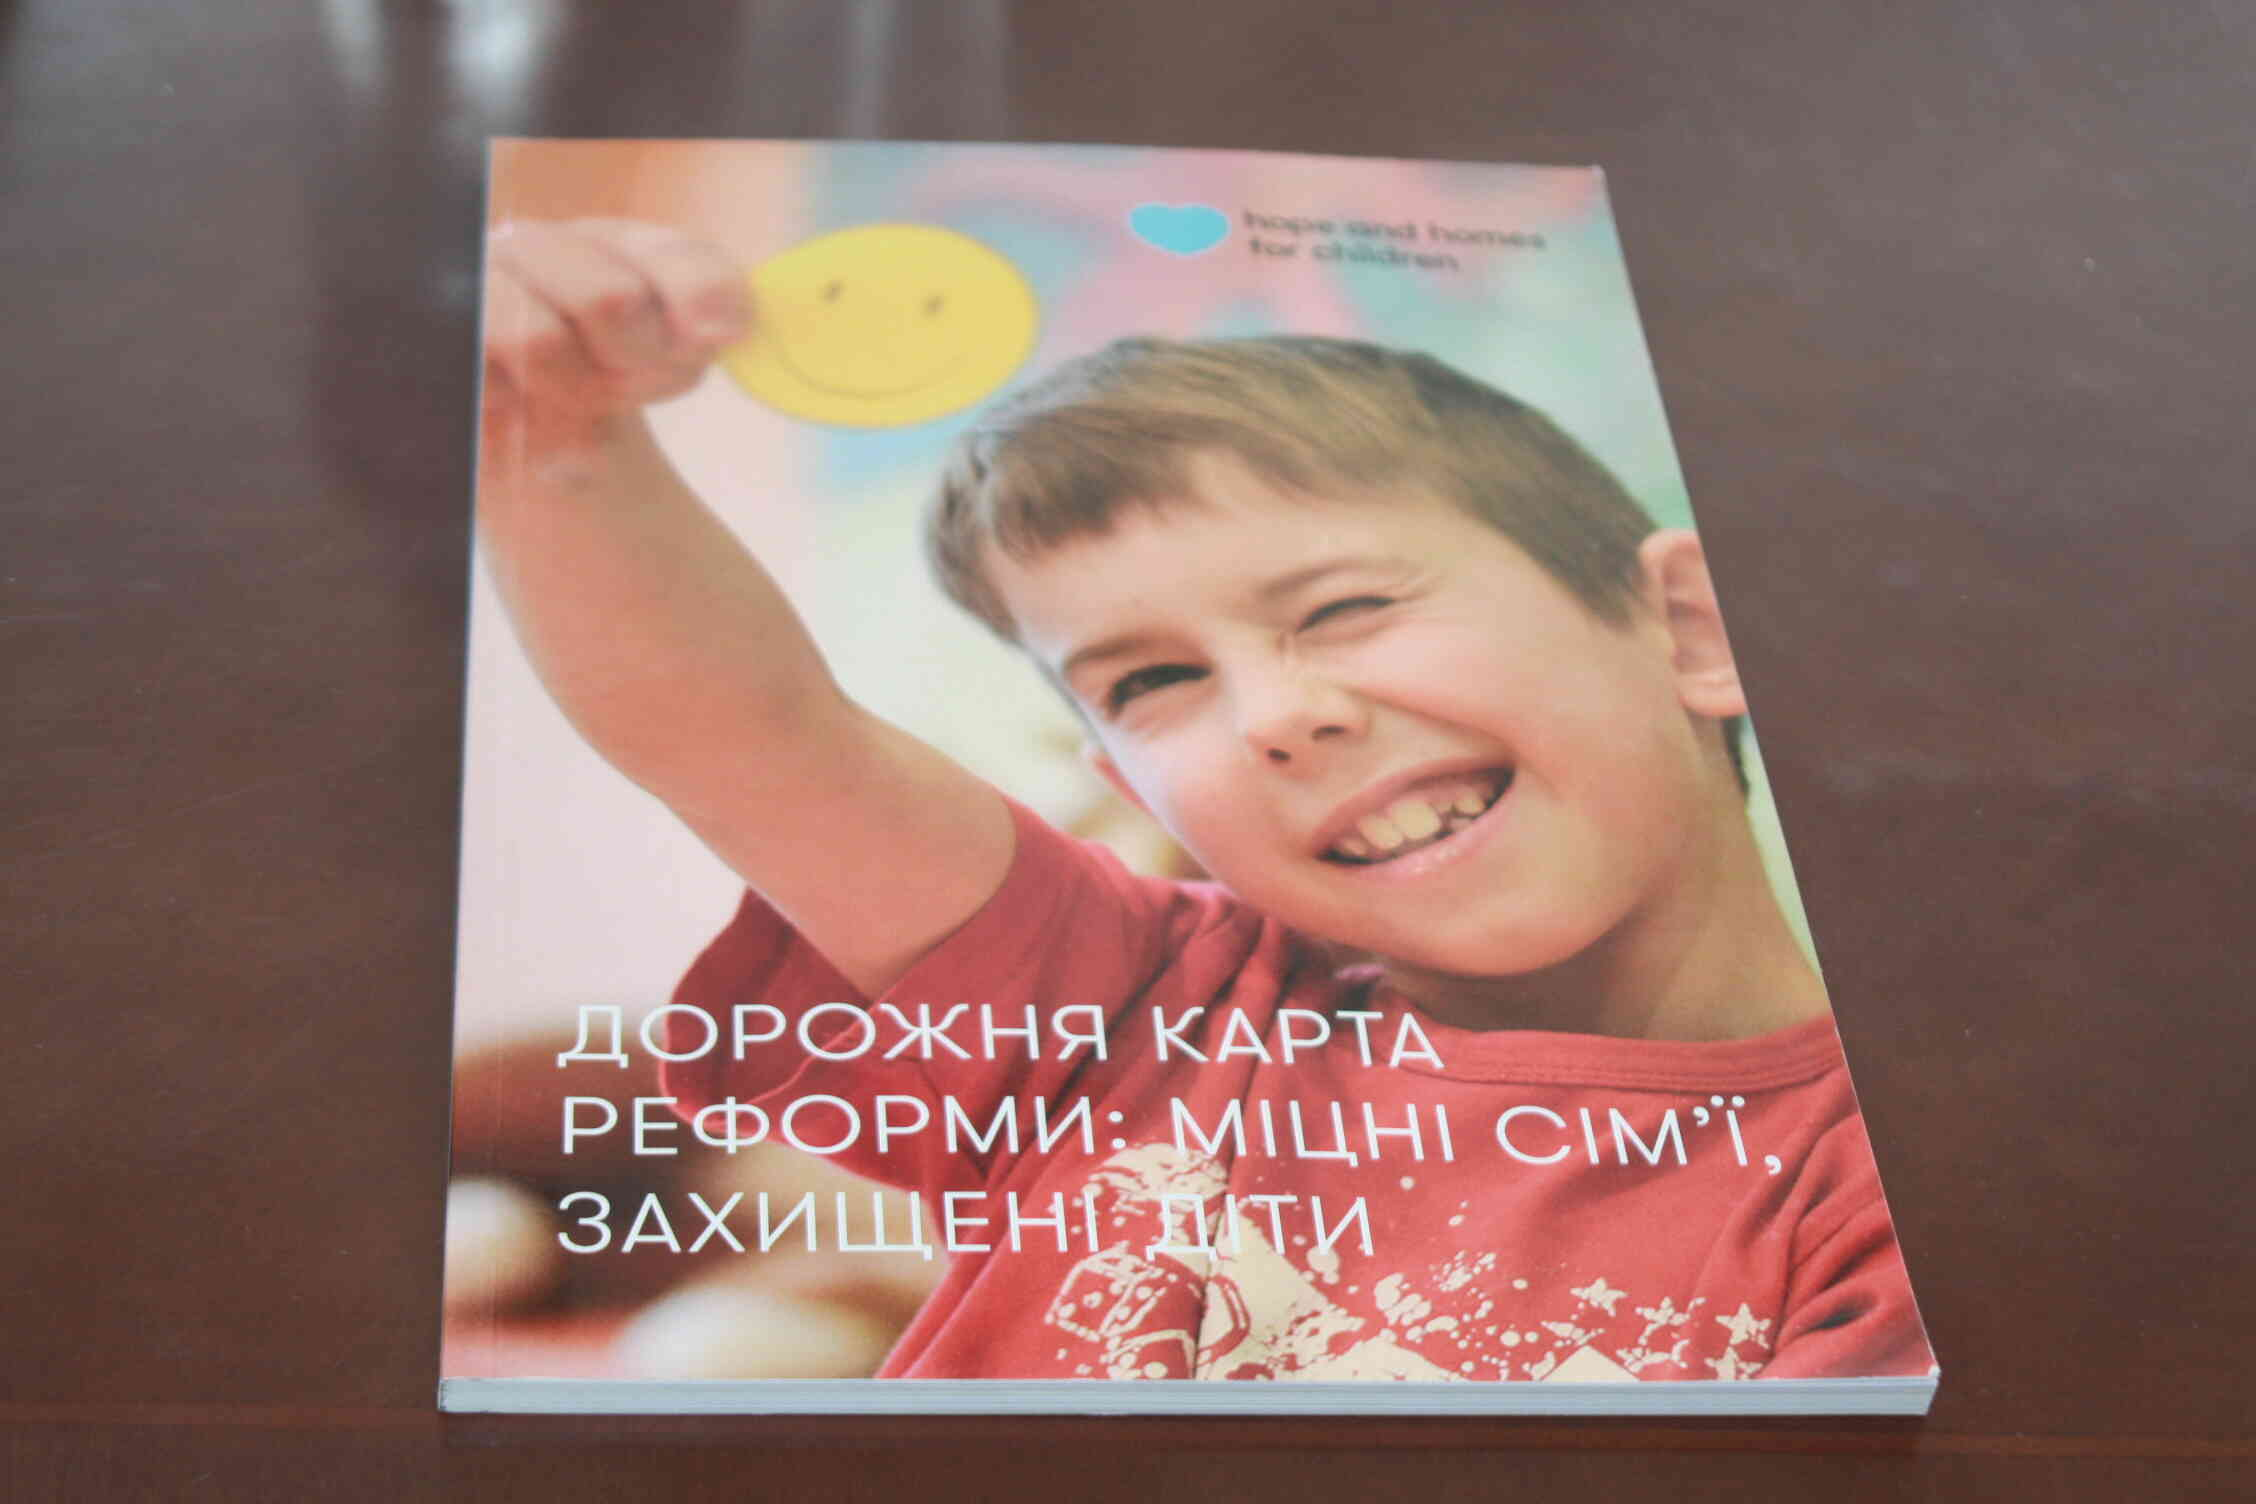 Нарада з презентації програми «Регіональний план реформування системи інституційного догляду та виховання дітей з одночасним розвитком послуг для дітей та сімей з дітьми в громадах Дніпропетровської області на 2020 – 2027 роки»